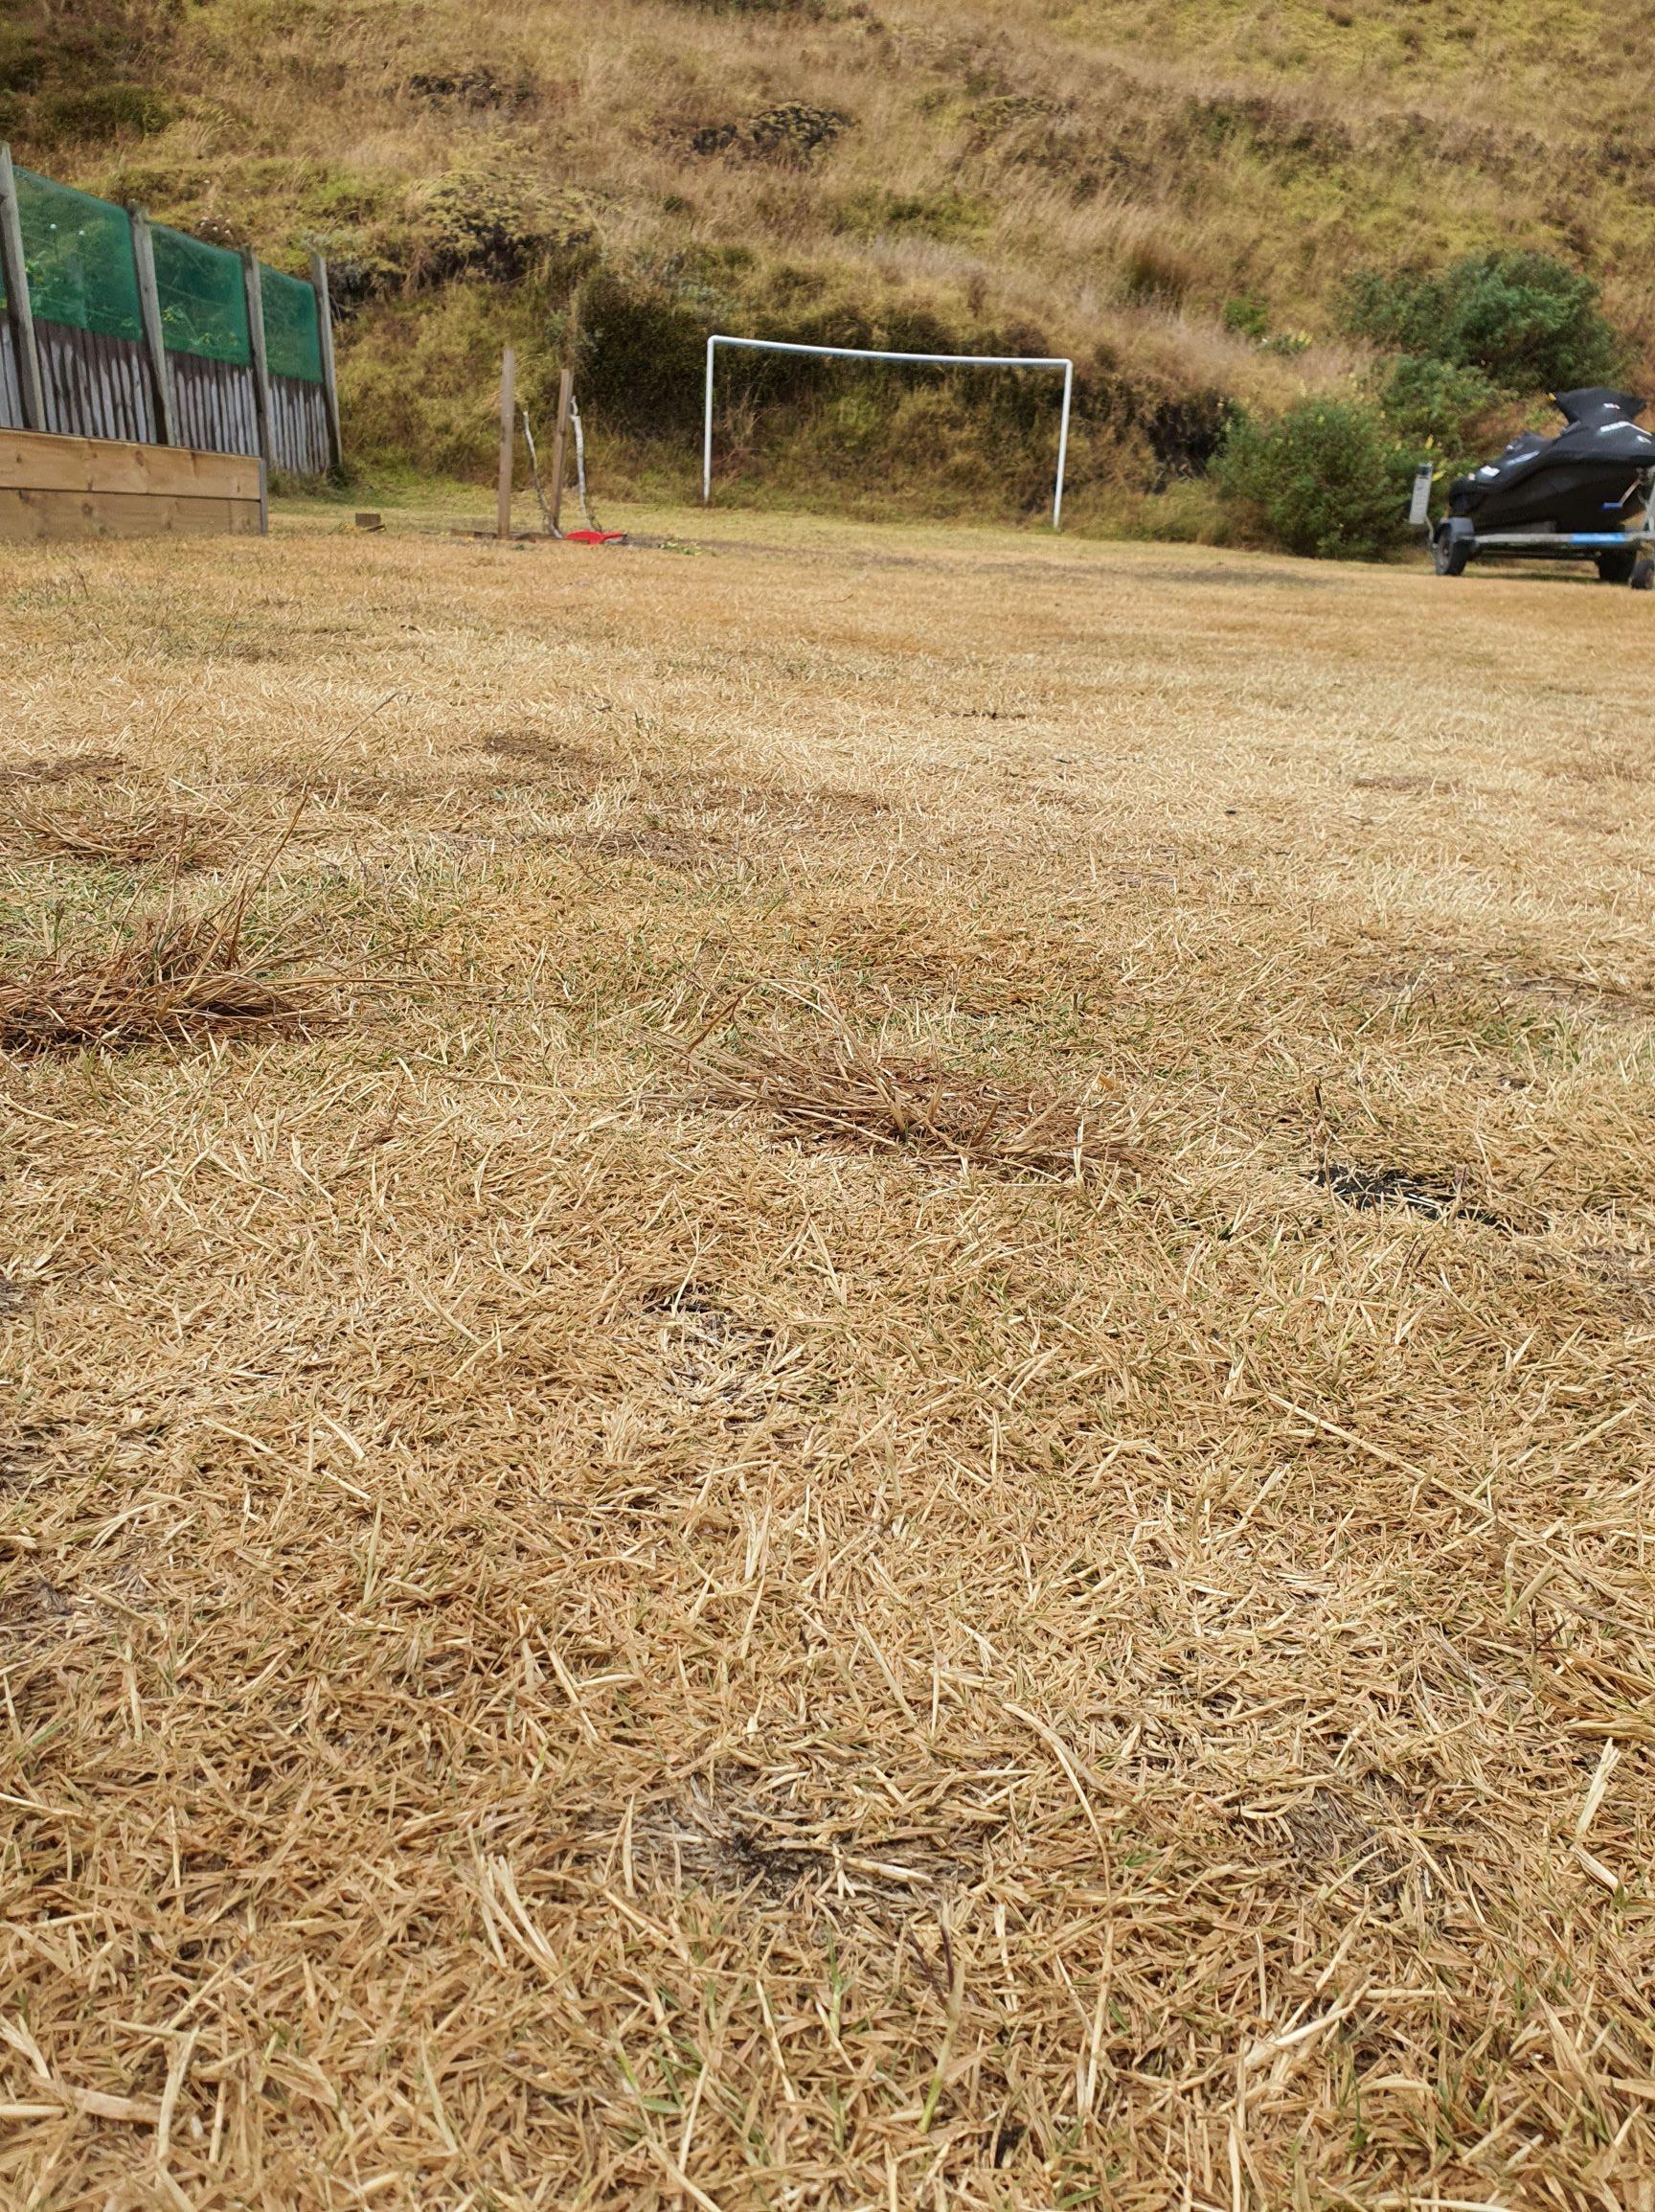 dry summer grass